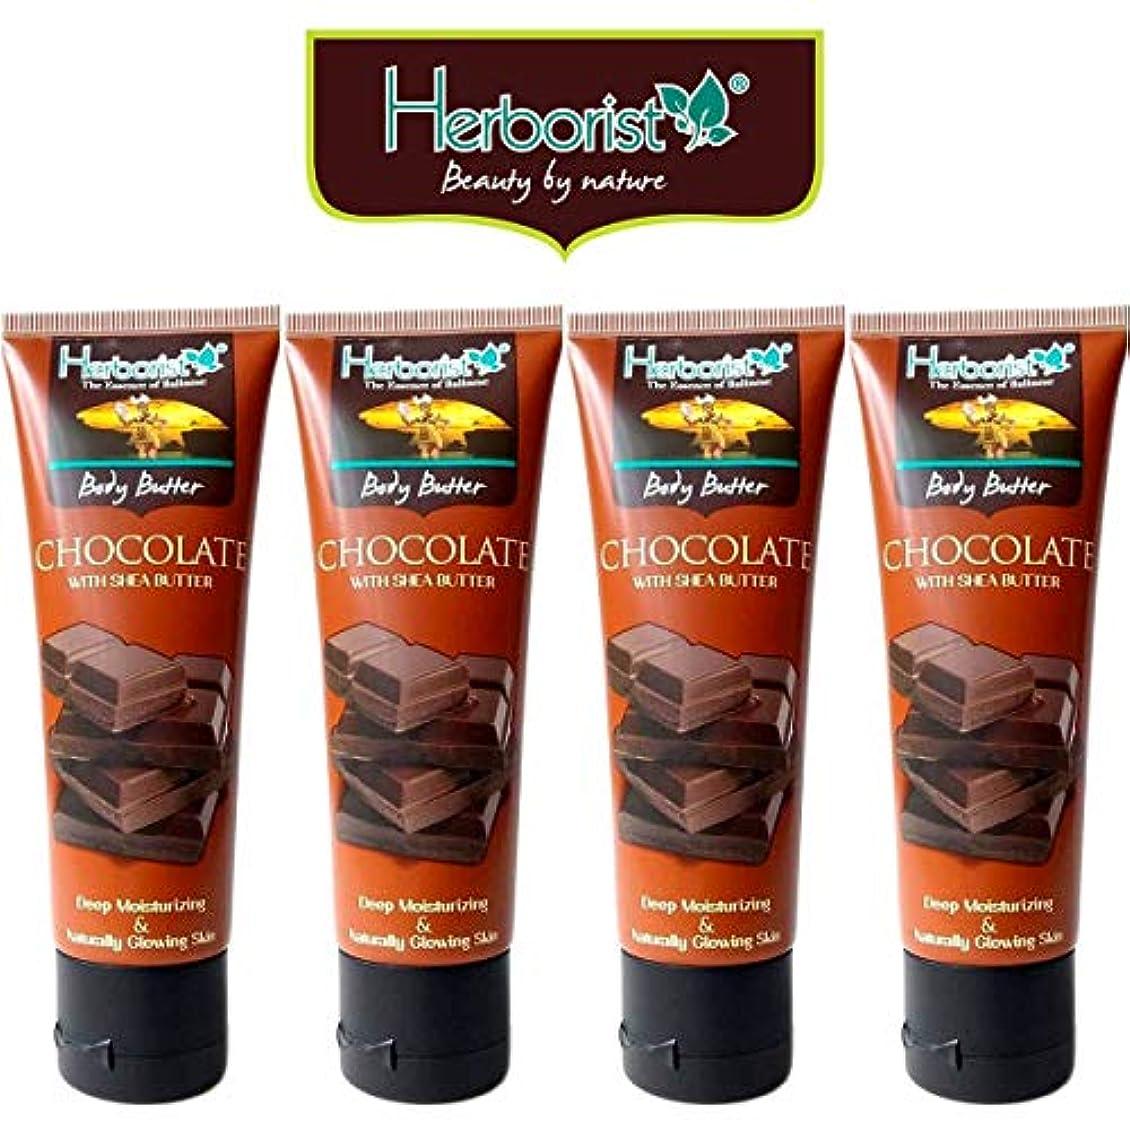 海岸単位新しさHerborist ハーボリスト Body Butter ボディバター バリスイーツの香り シアバター配合 80g×4個セット Chocolate チョコレート [海外直送品]